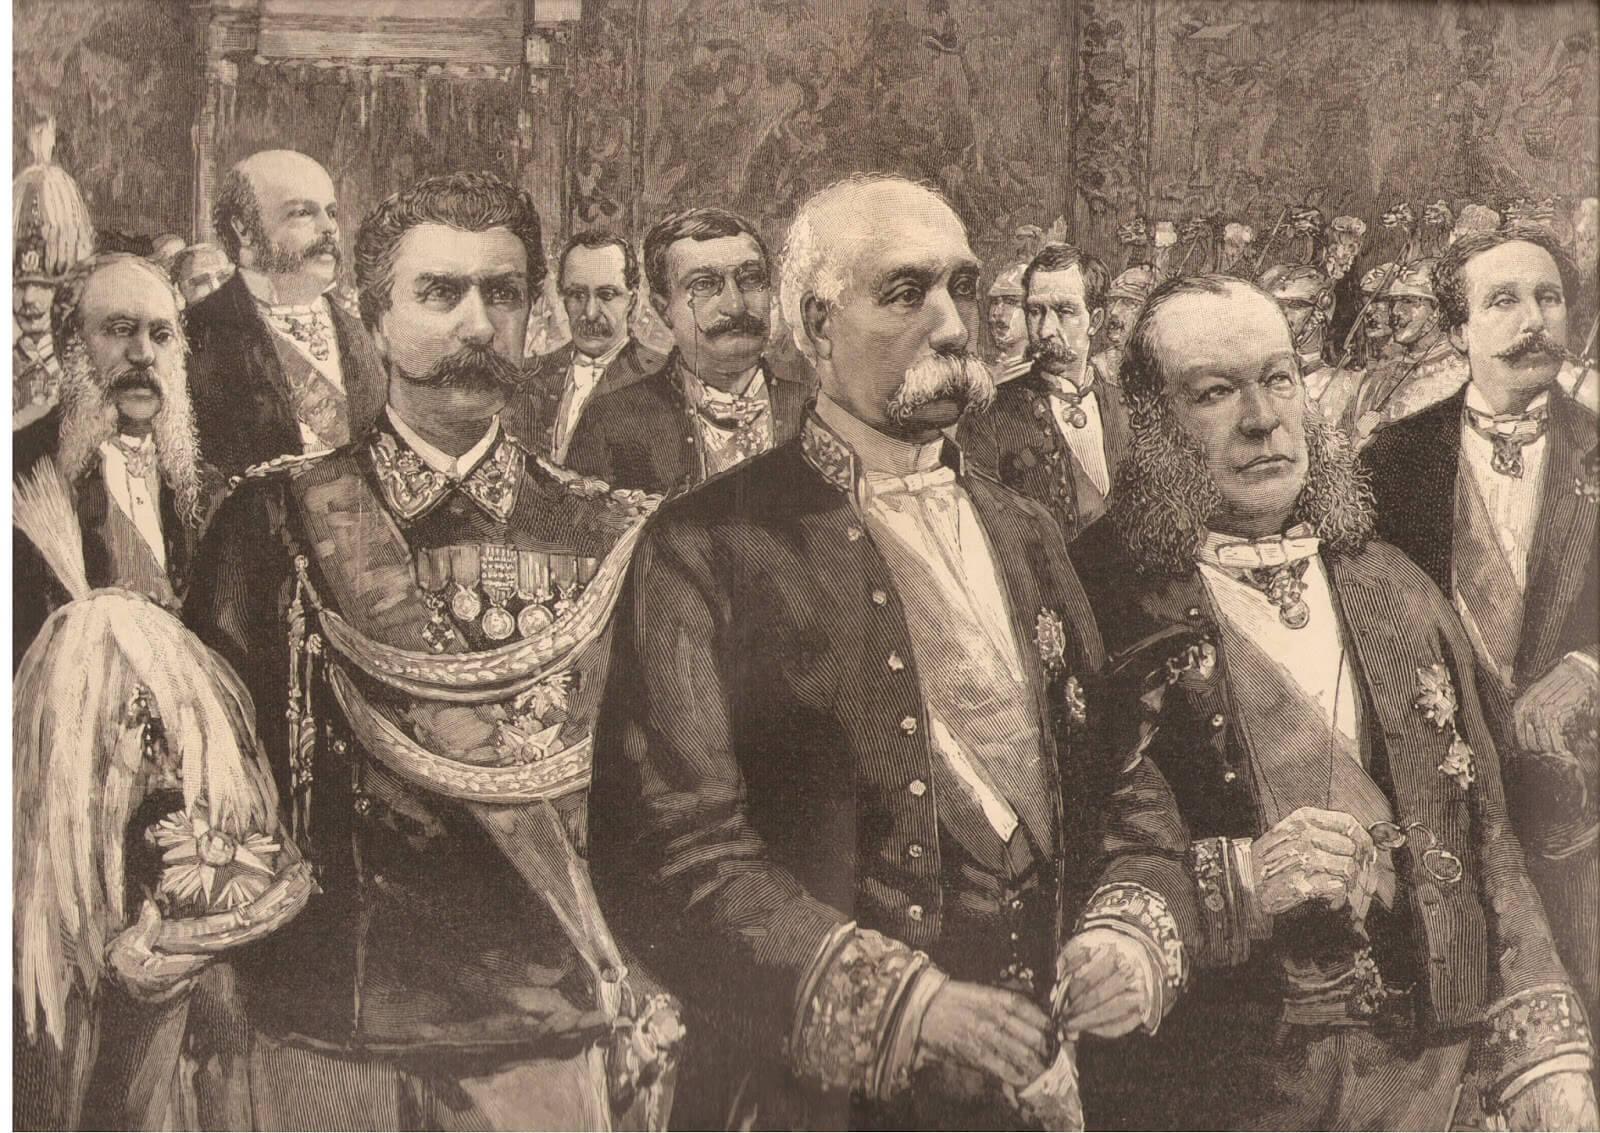 Basta vie e scuole dedicate a Vittorio Emanuele III. E gli altri Savoia? E Garibaldi? E Crispi?/ MATTINALE 299